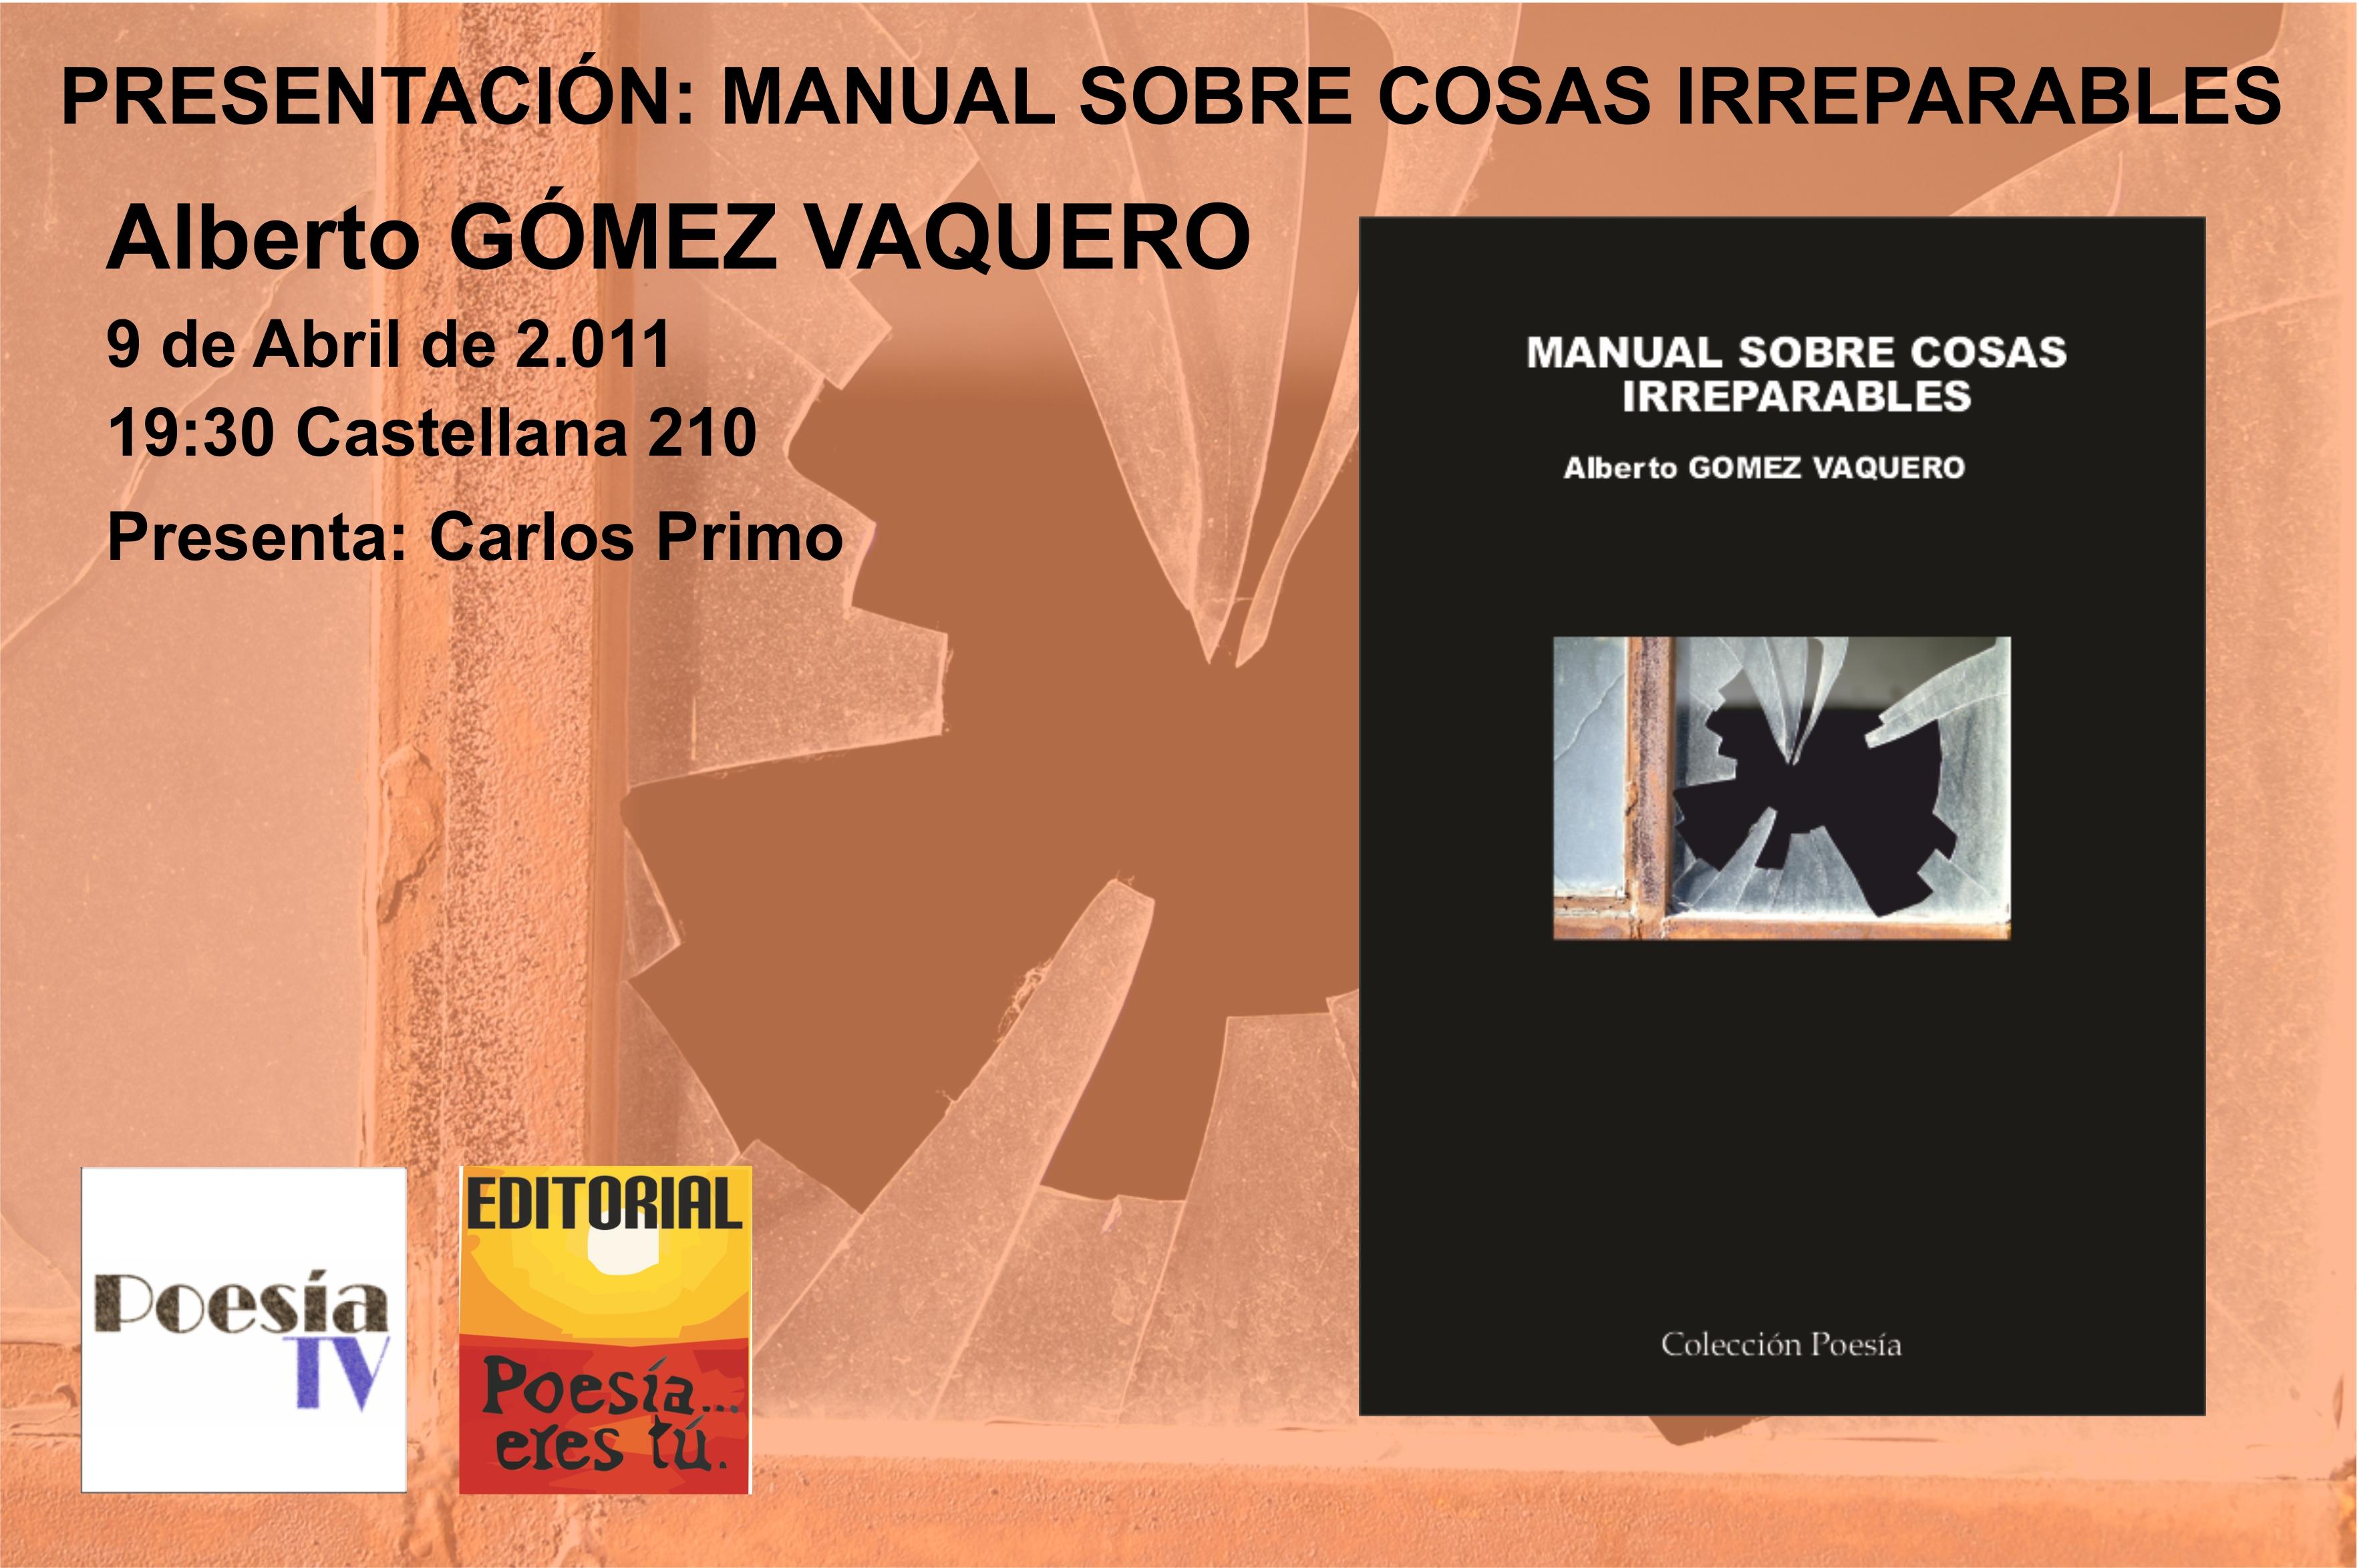 Presentación: Manual sobre cosas irreparables - Alberto GÓMEZ VAQUERO Presentación: Manual sobre cosas irreparables – Alberto GÓMEZ VAQUERO Presentaci  nManualdelascosas